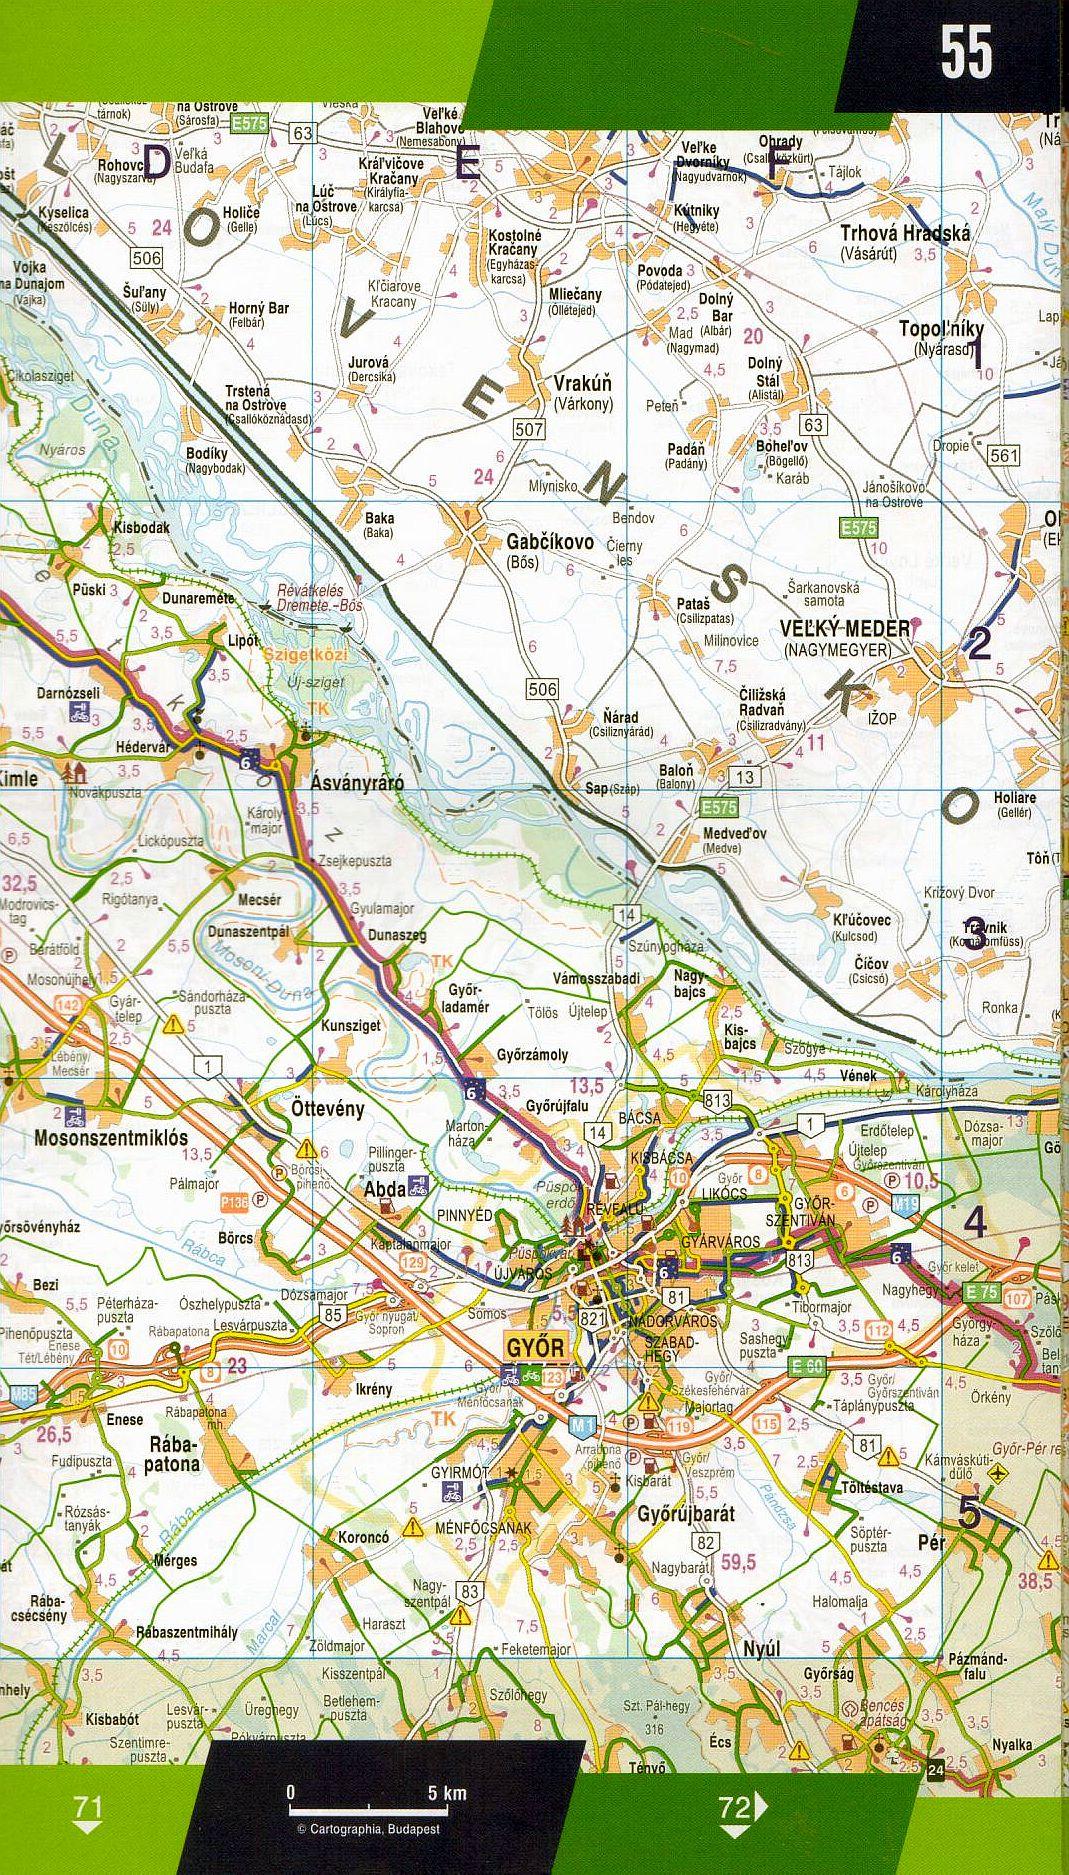 Kerékpáros túratervező: térképminta 2